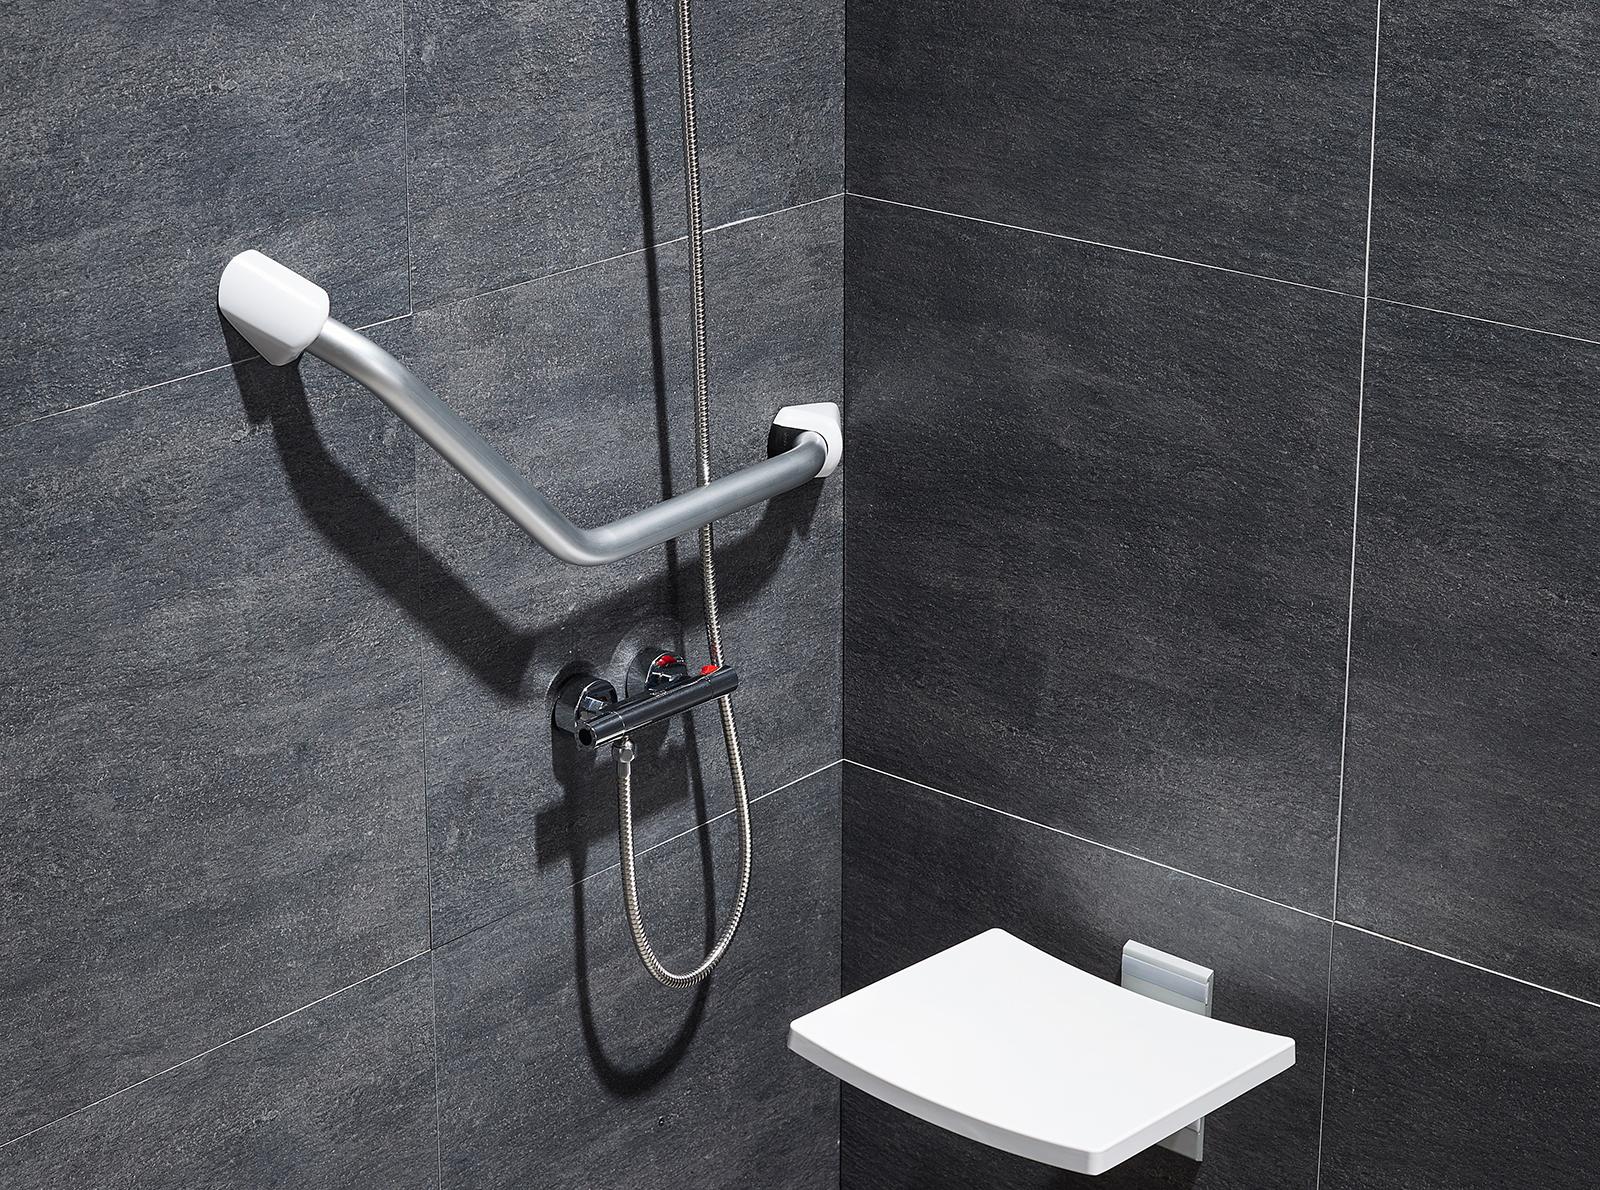 Full Size of Haltegriff Dusche Bernstein Haltestange Fsl 900 Gebogen Sttzgriff 80x80 Hüppe Duschen Anal Moderne Bluetooth Lautsprecher Komplett Set Badewanne Kaufen Dusche Haltegriff Dusche